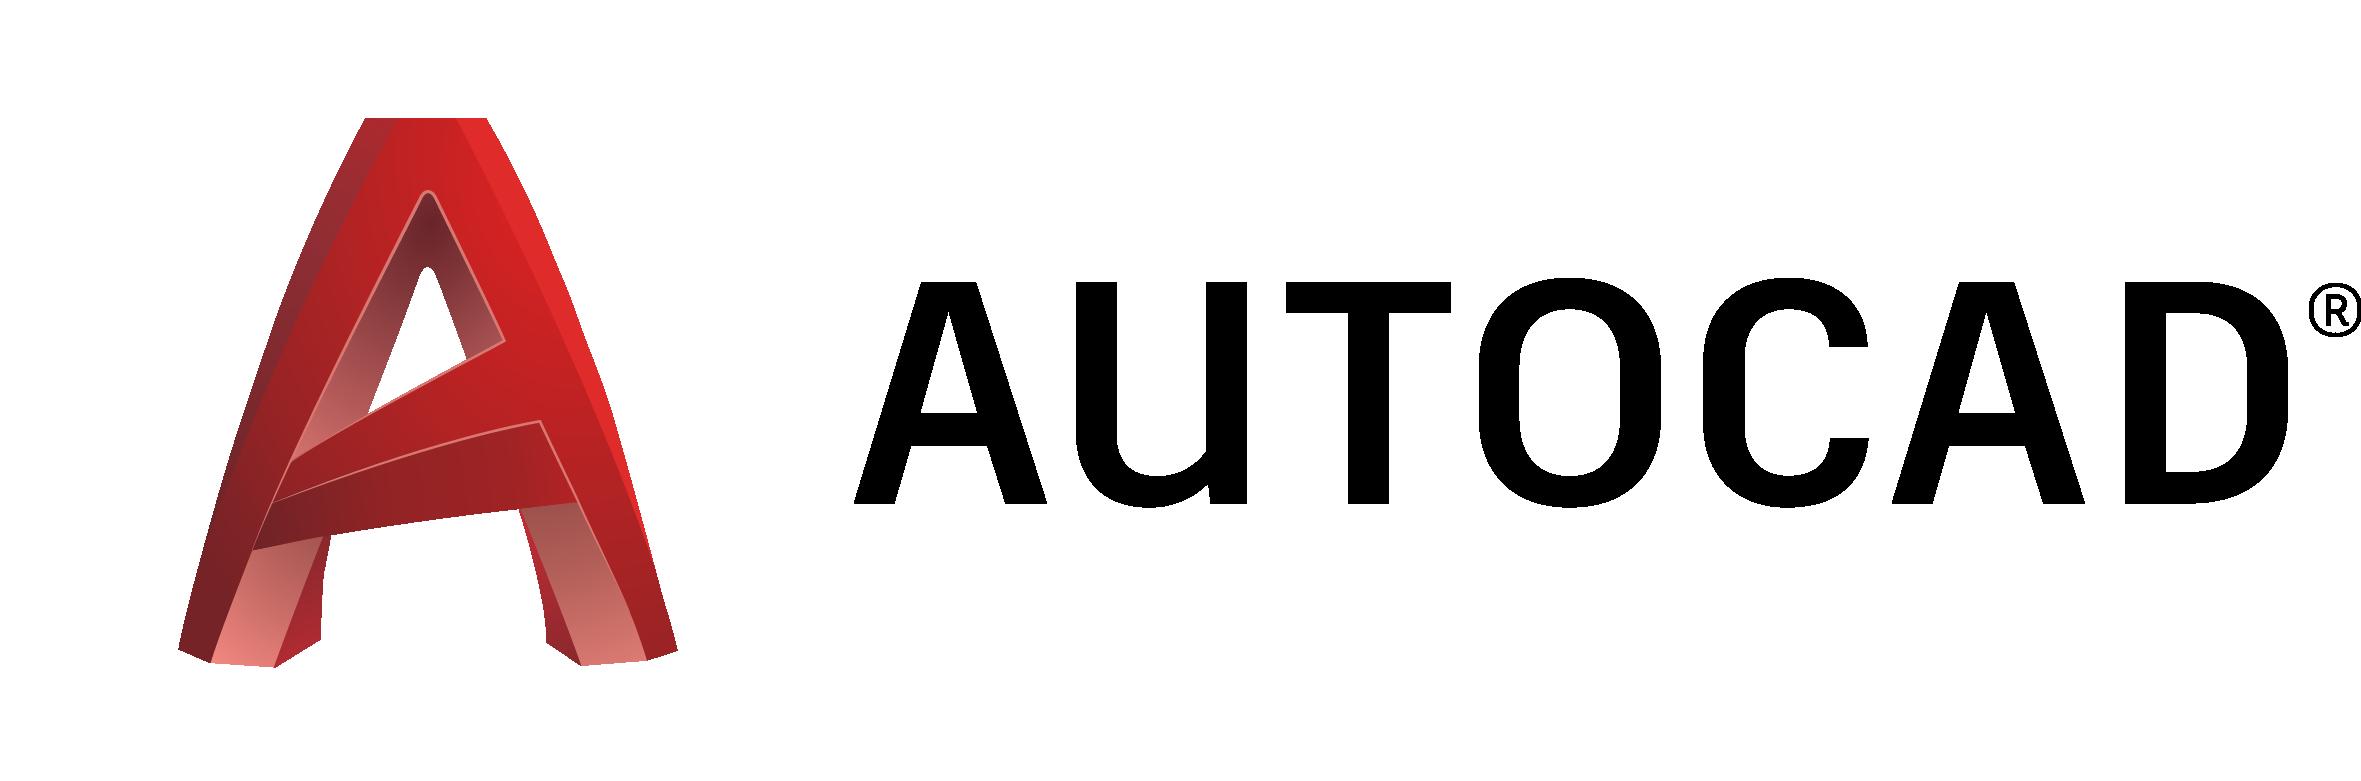 آموزش نرم افزار اتوکد AutoCAD